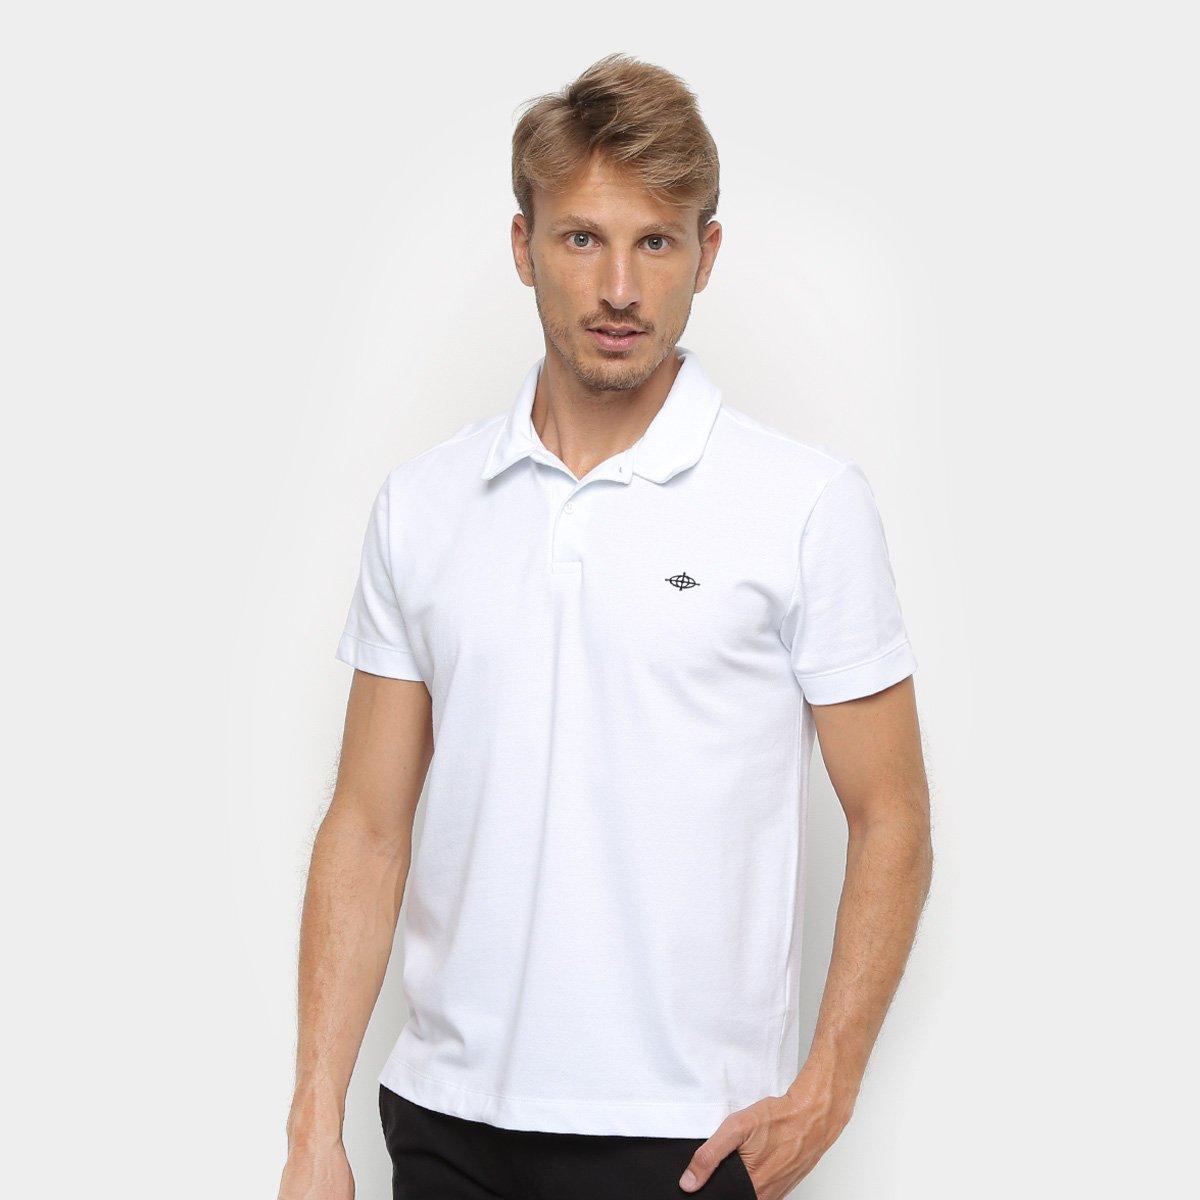 4a30aeb23 Camisa Polo Triton Básica Masculina - Tam: GG - Shopping TudoAzul